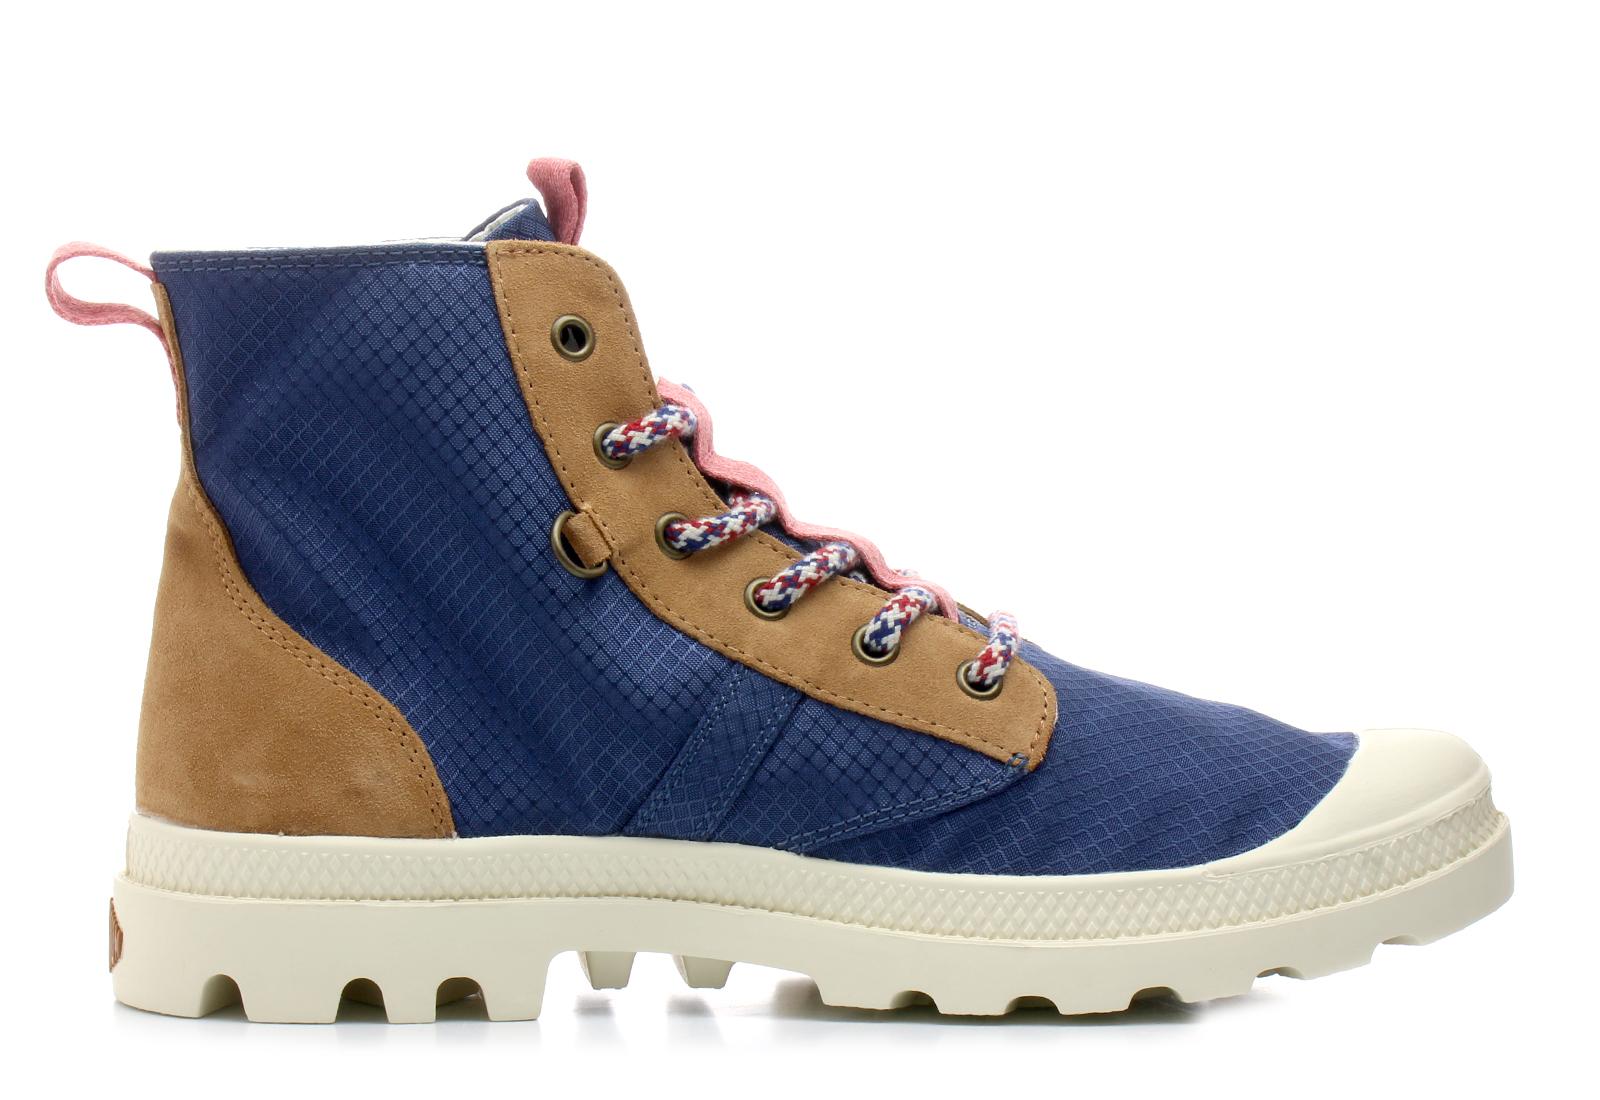 688a77d360 Palladium Cipő - Pallabrouse Retro - 75719-420-M - Office Shoes ...